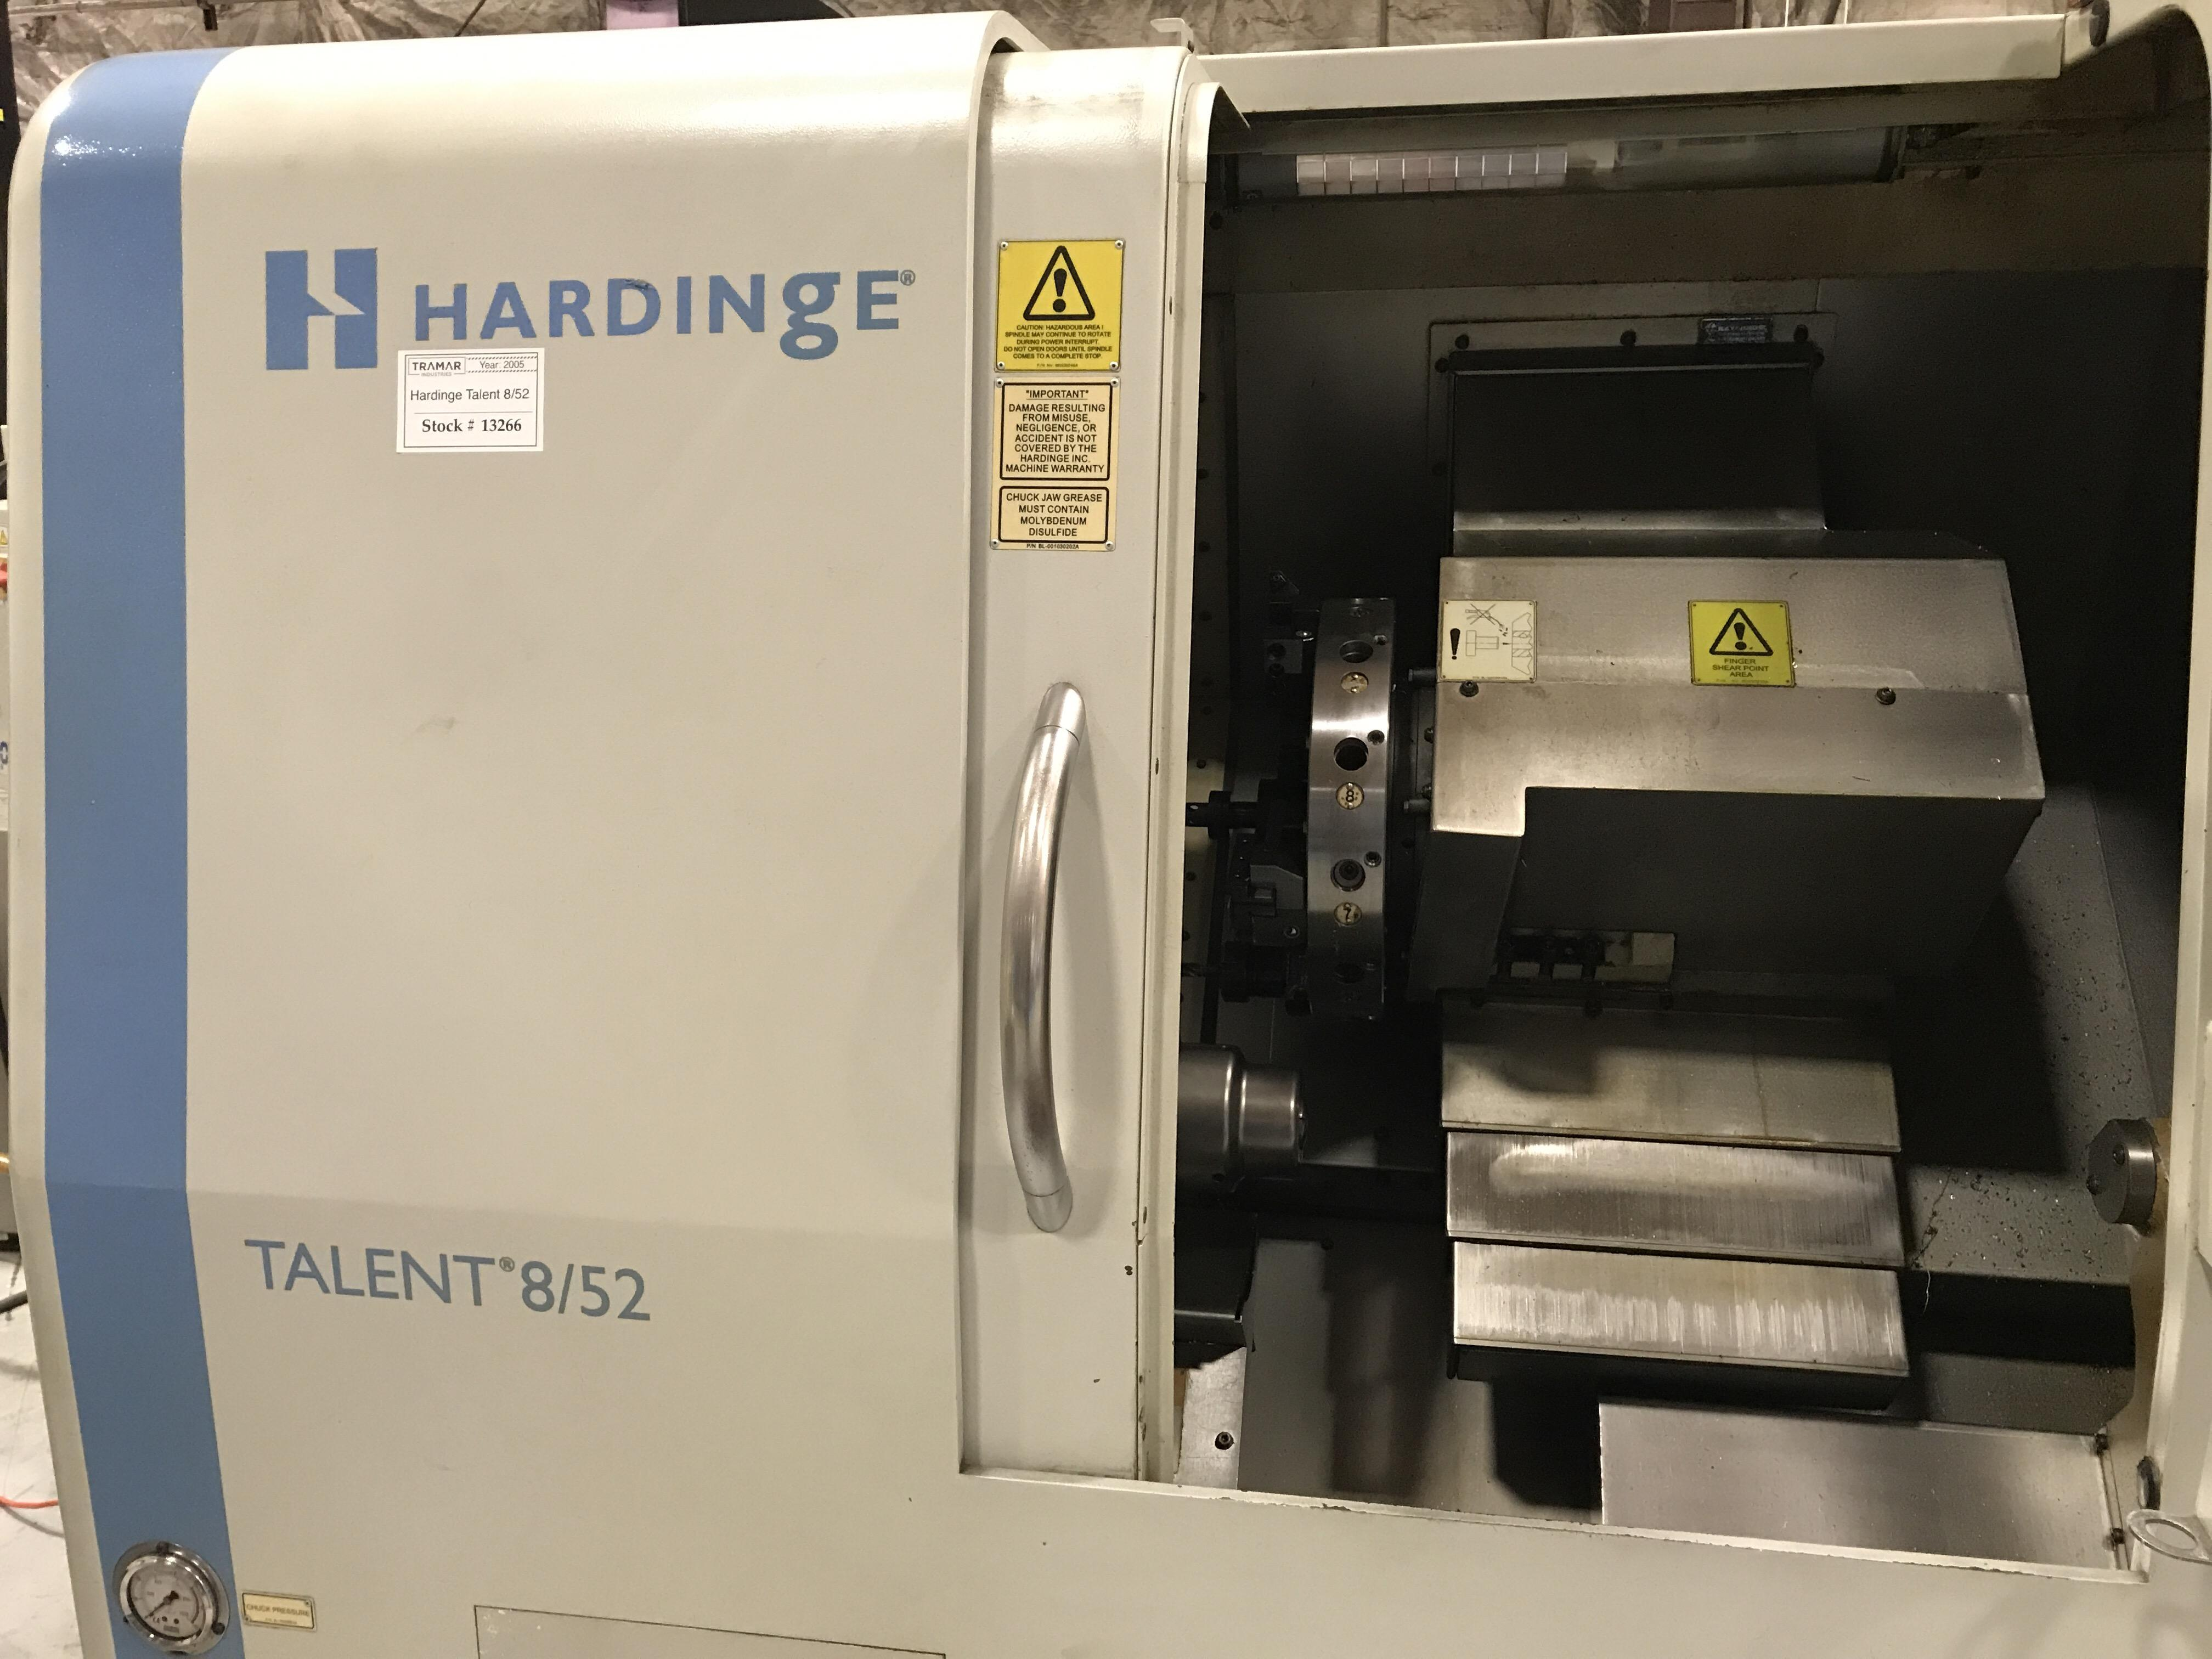 2005 Hardinge Talent 8/52 - CNC Horizontal Lathe